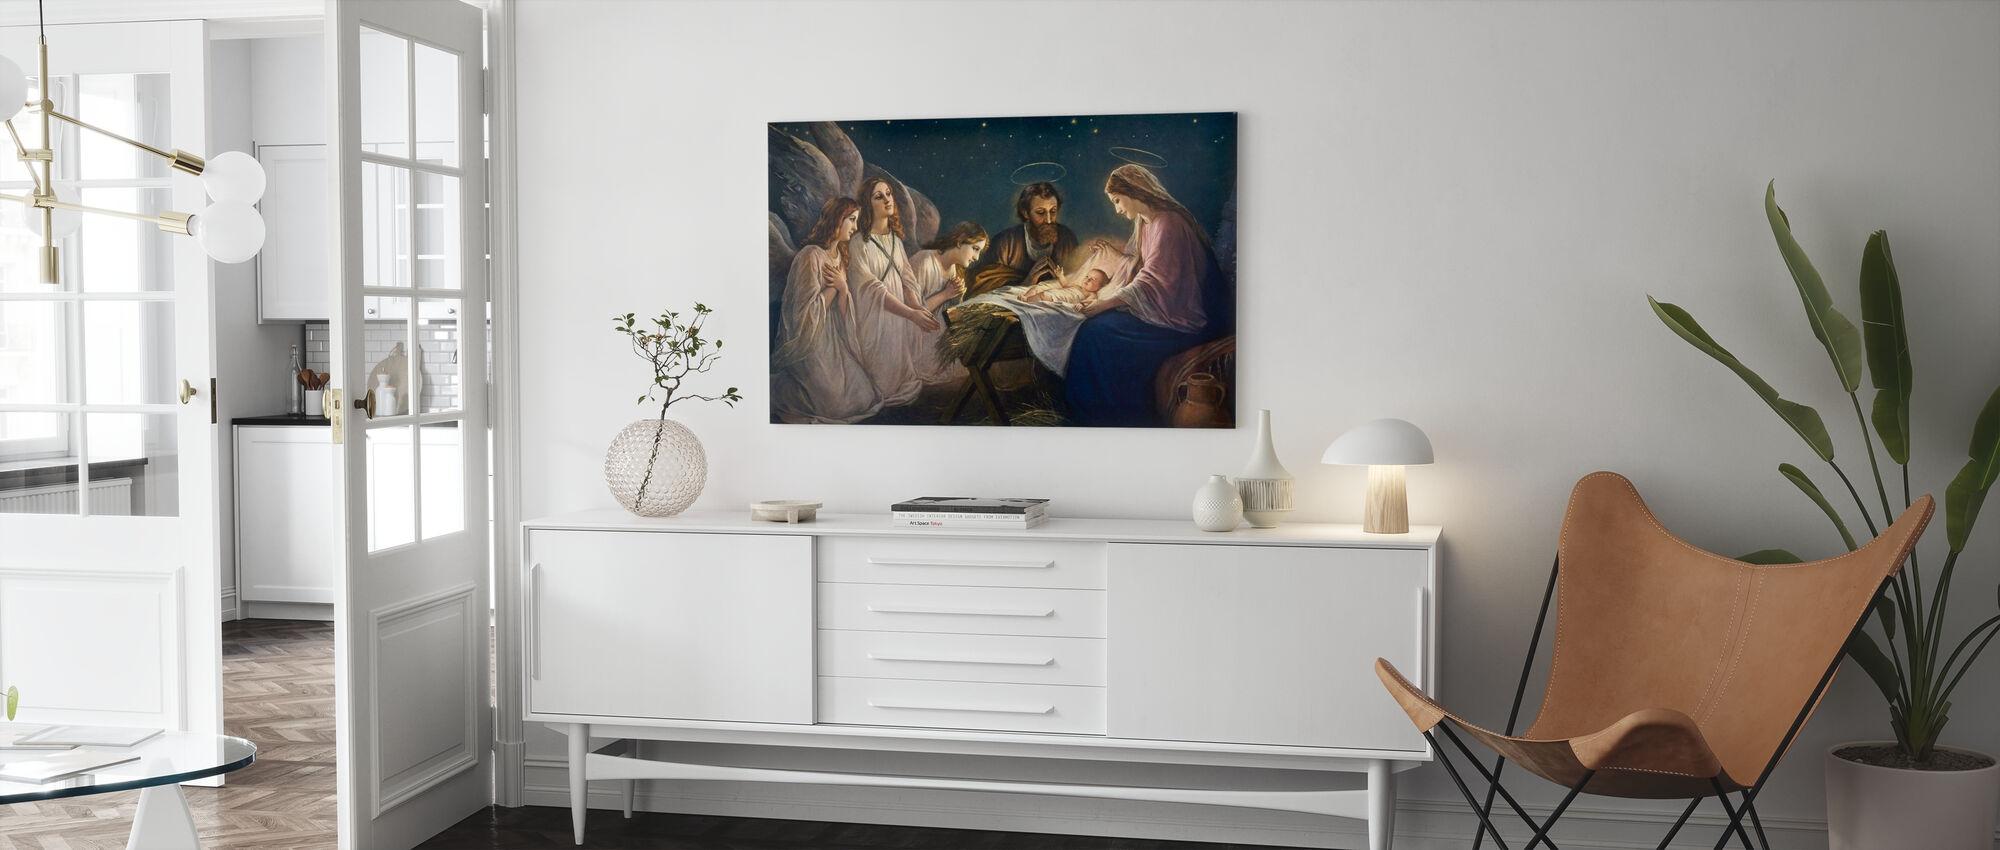 Joseph et Marie - Impression sur toile - Salle à manger